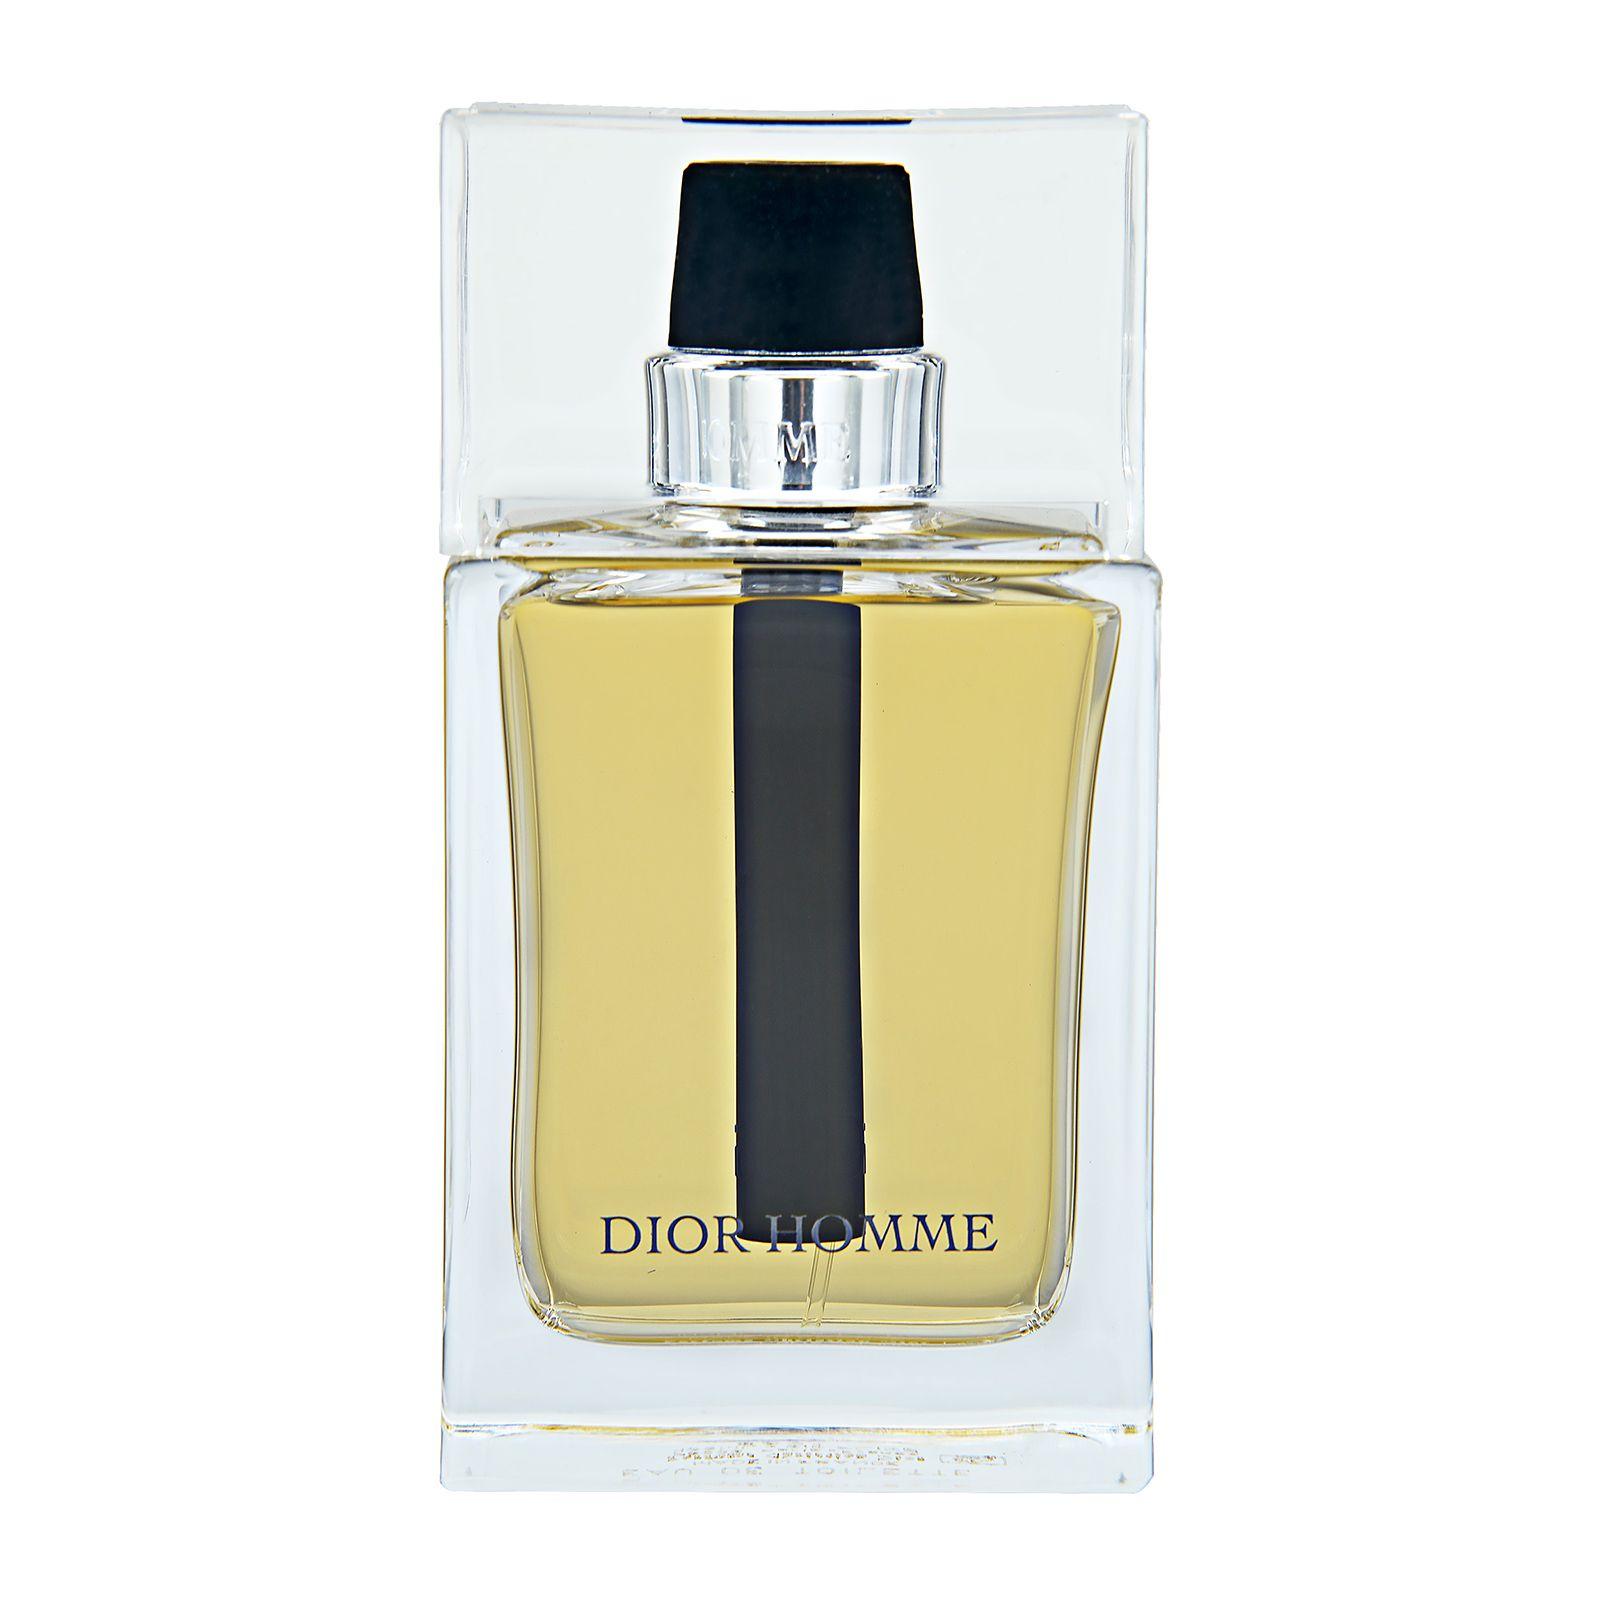 Christian Dior Dior Homme Eau de Toilette 3.4oz, 100ml